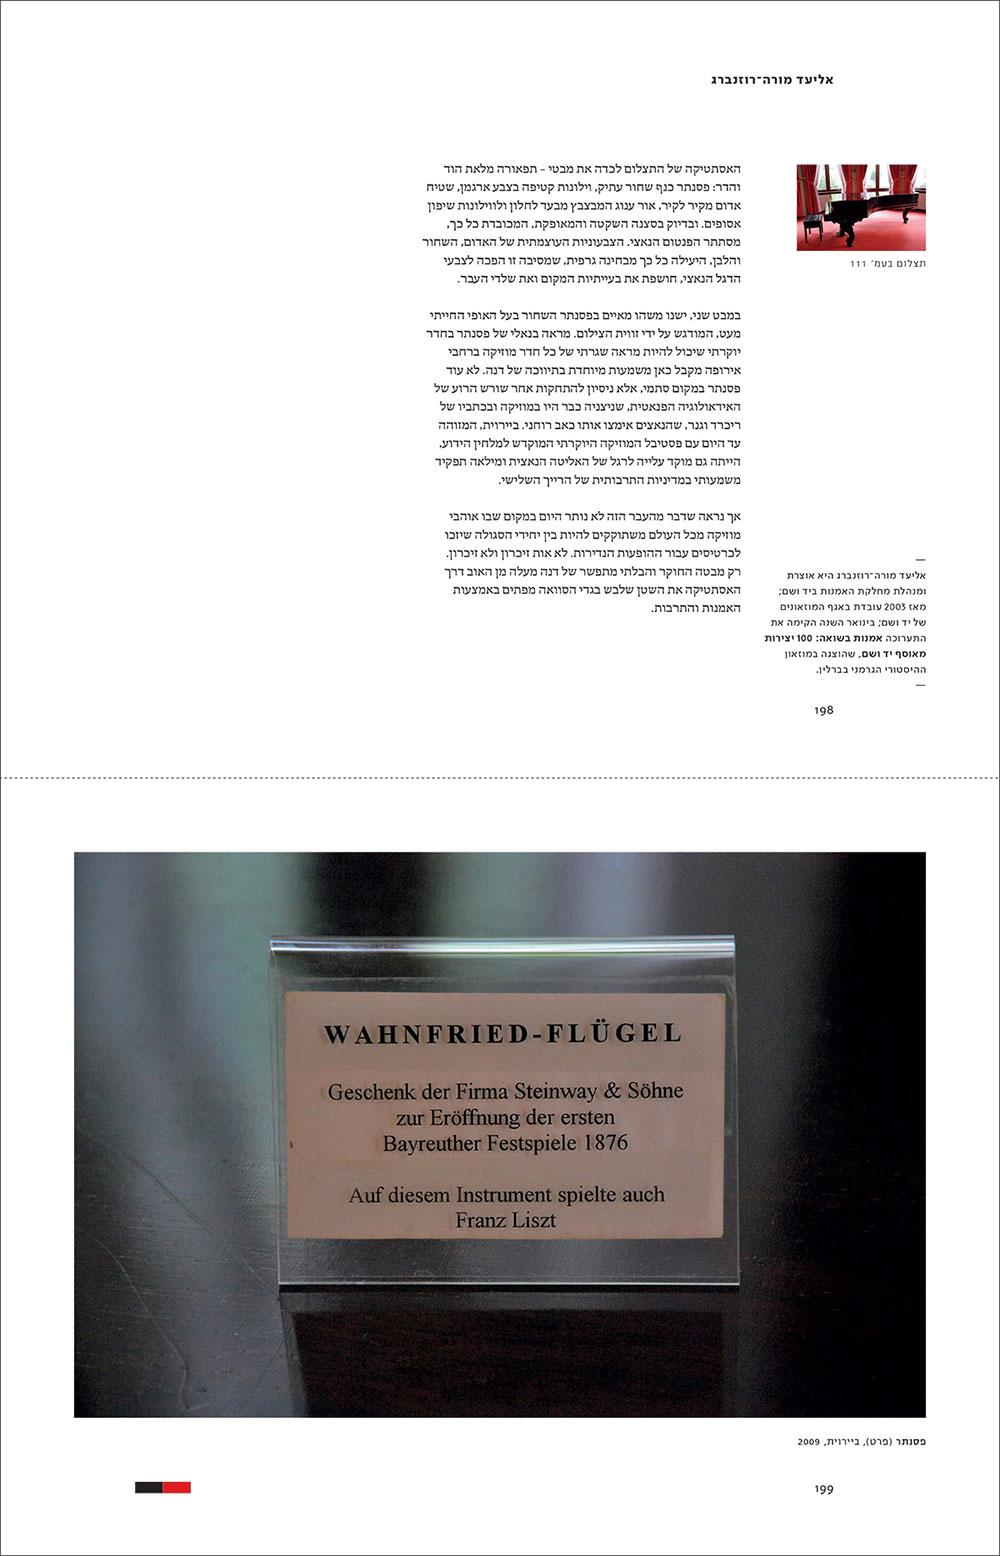 פנטומים, דנה אריאלי, עמודים 198-199